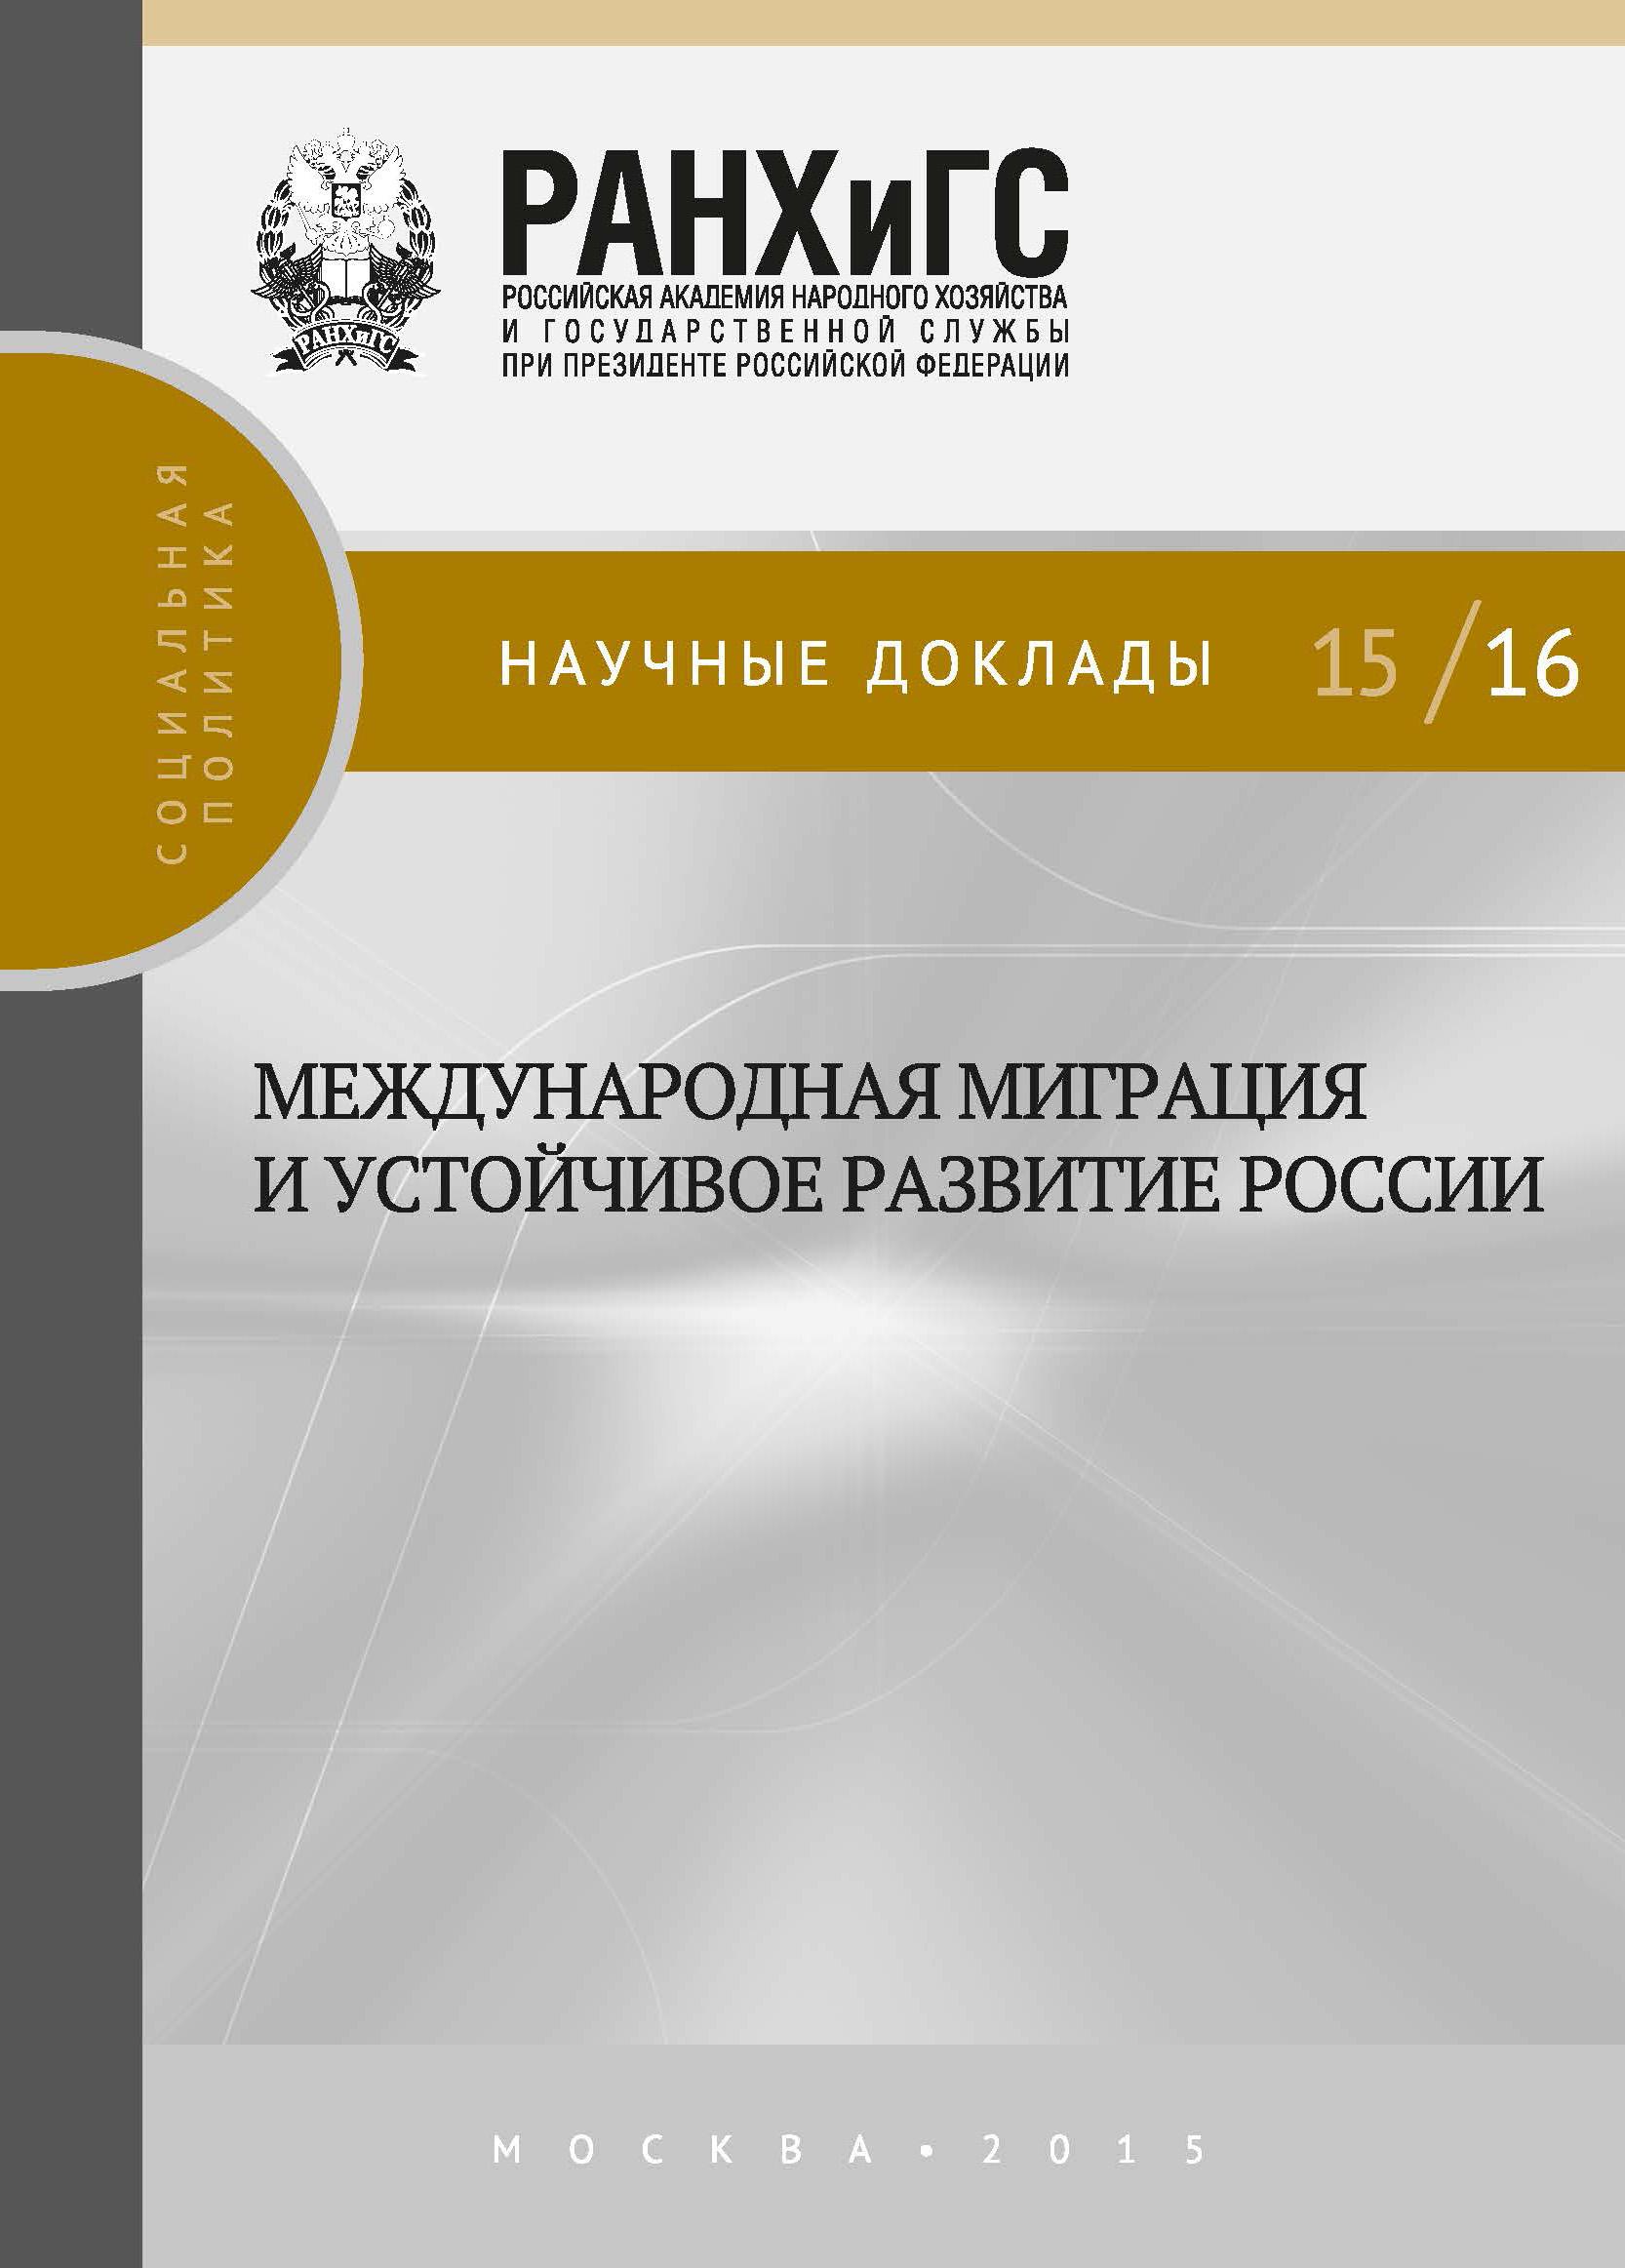 Коллектив авторов Международная миграция и устойчивое развитие России глущенко г пономарев в миграция и развитие